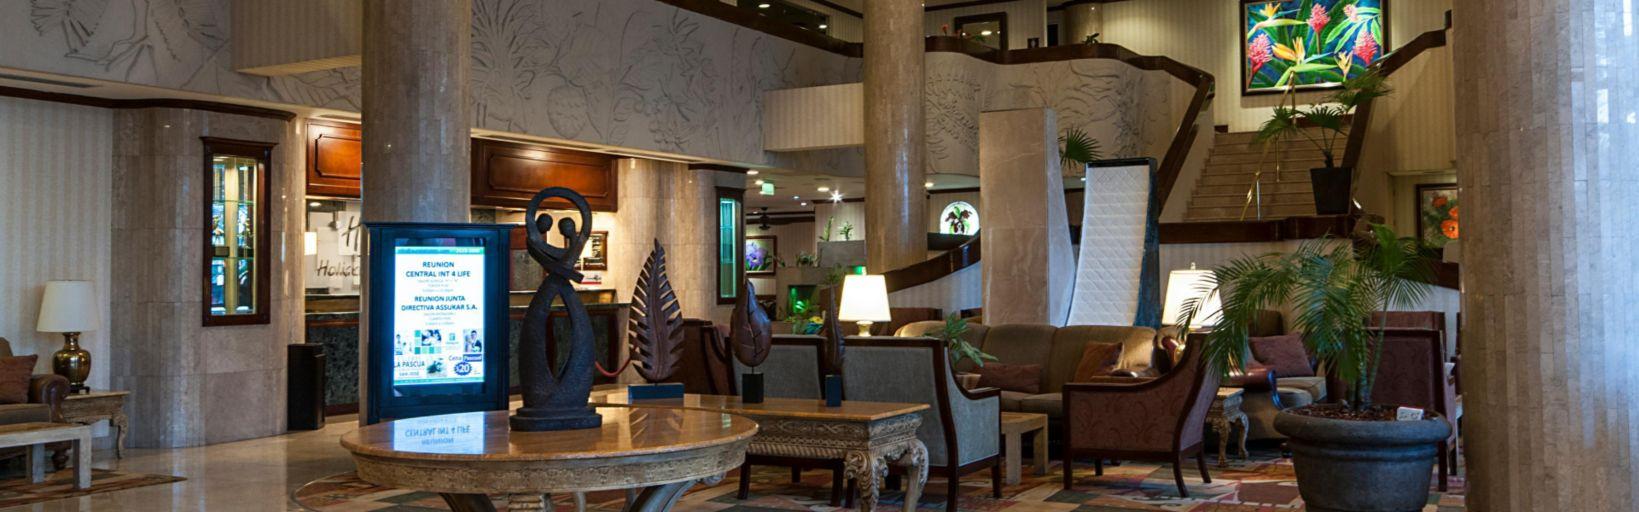 Holiday Inn San Jose-Aurola Hotel by IHG